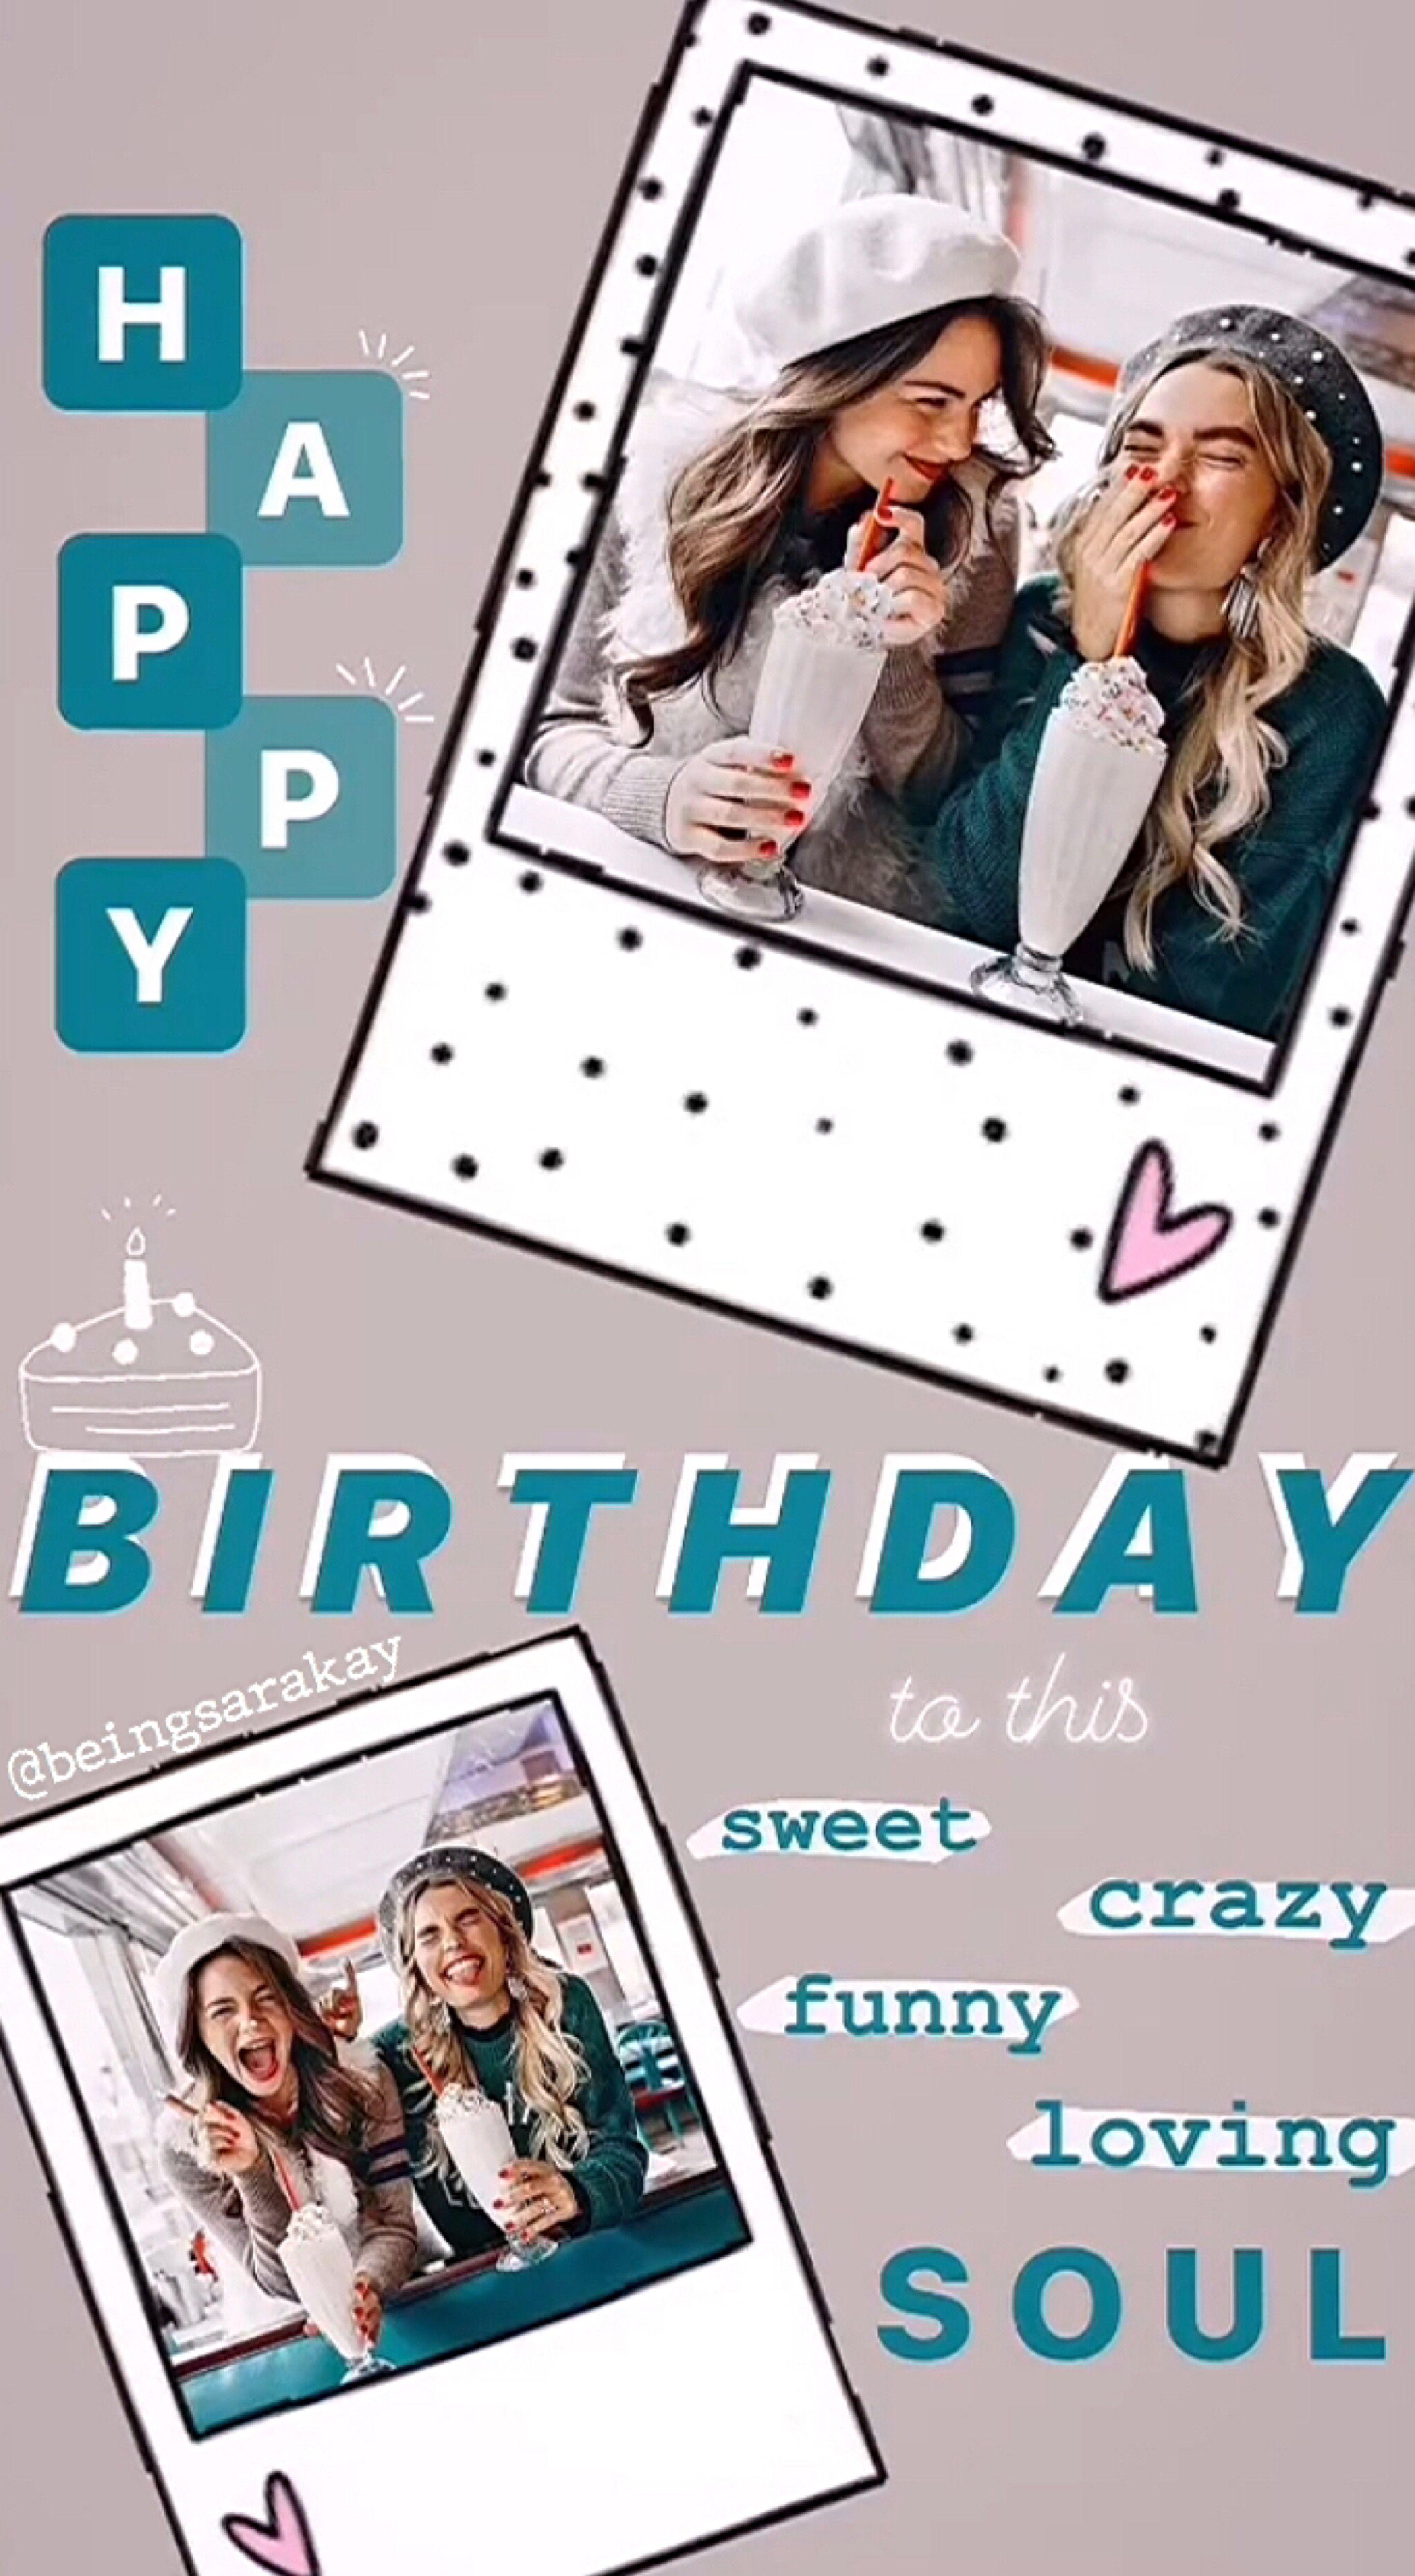 Sara Kay Beingsarakay Birthday Post Instagram Birthday Captions Instagram Instagram Story Ideas